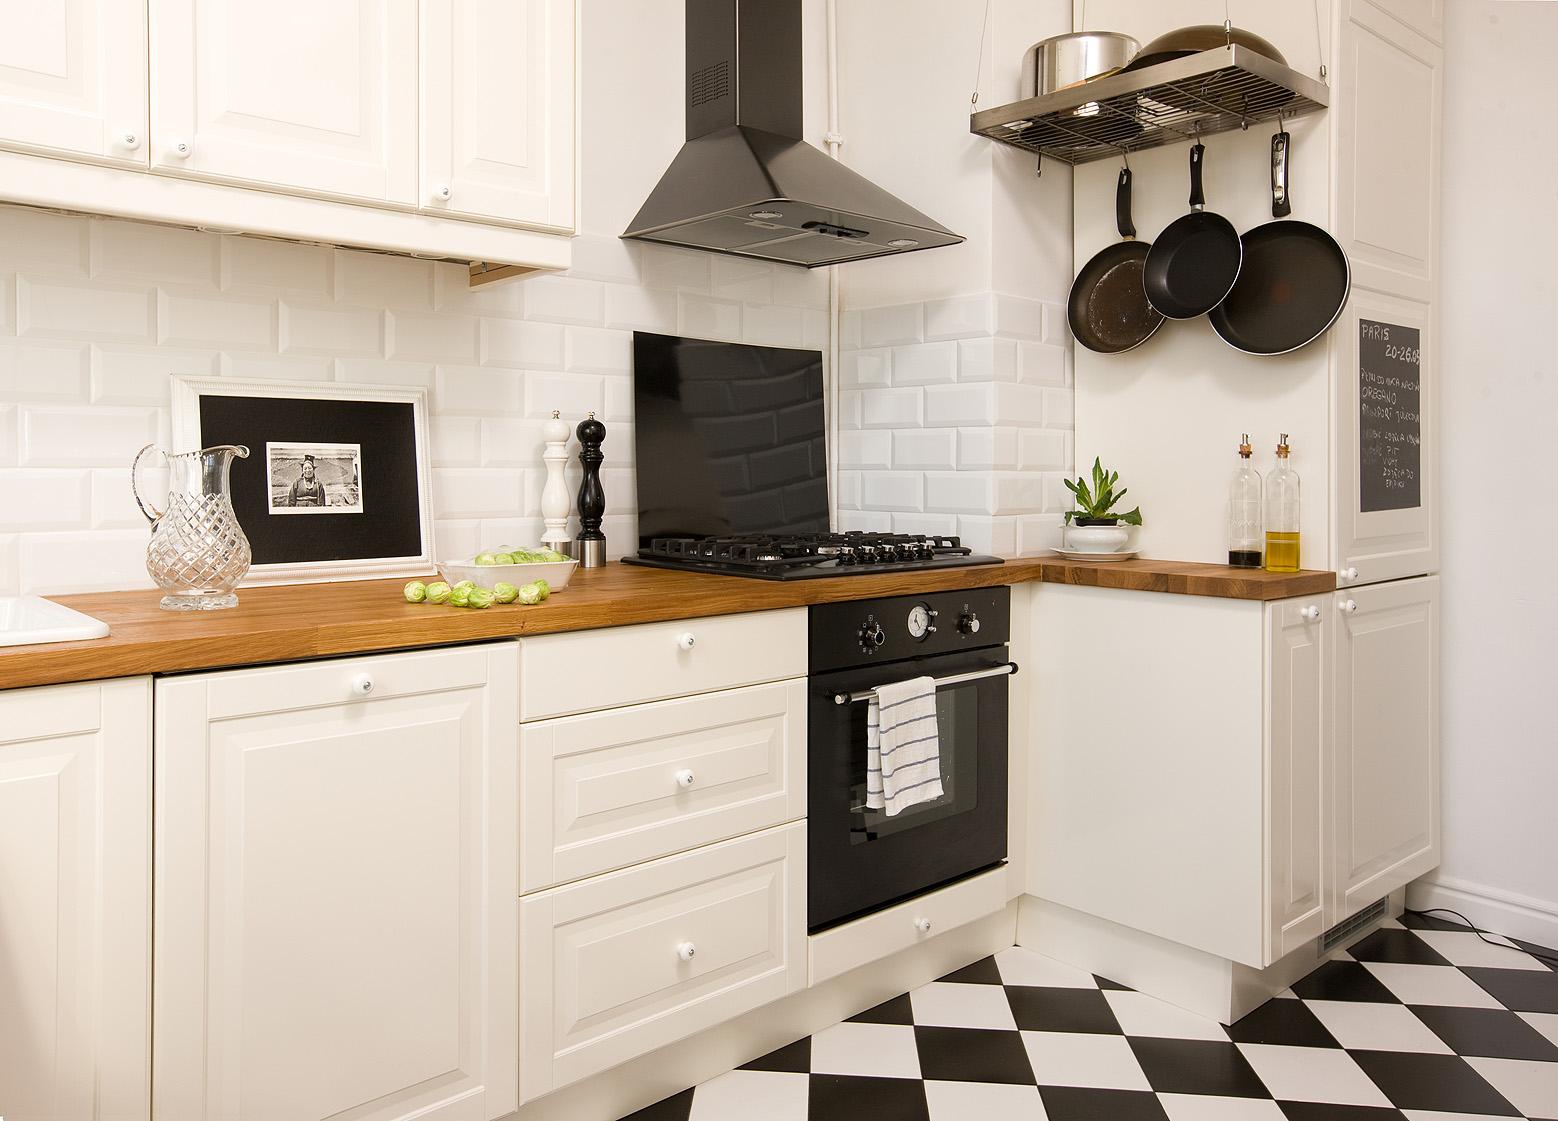 Kuchnie Z Ikea Opinie Zdjęcia Montaż Etc Wnętrza